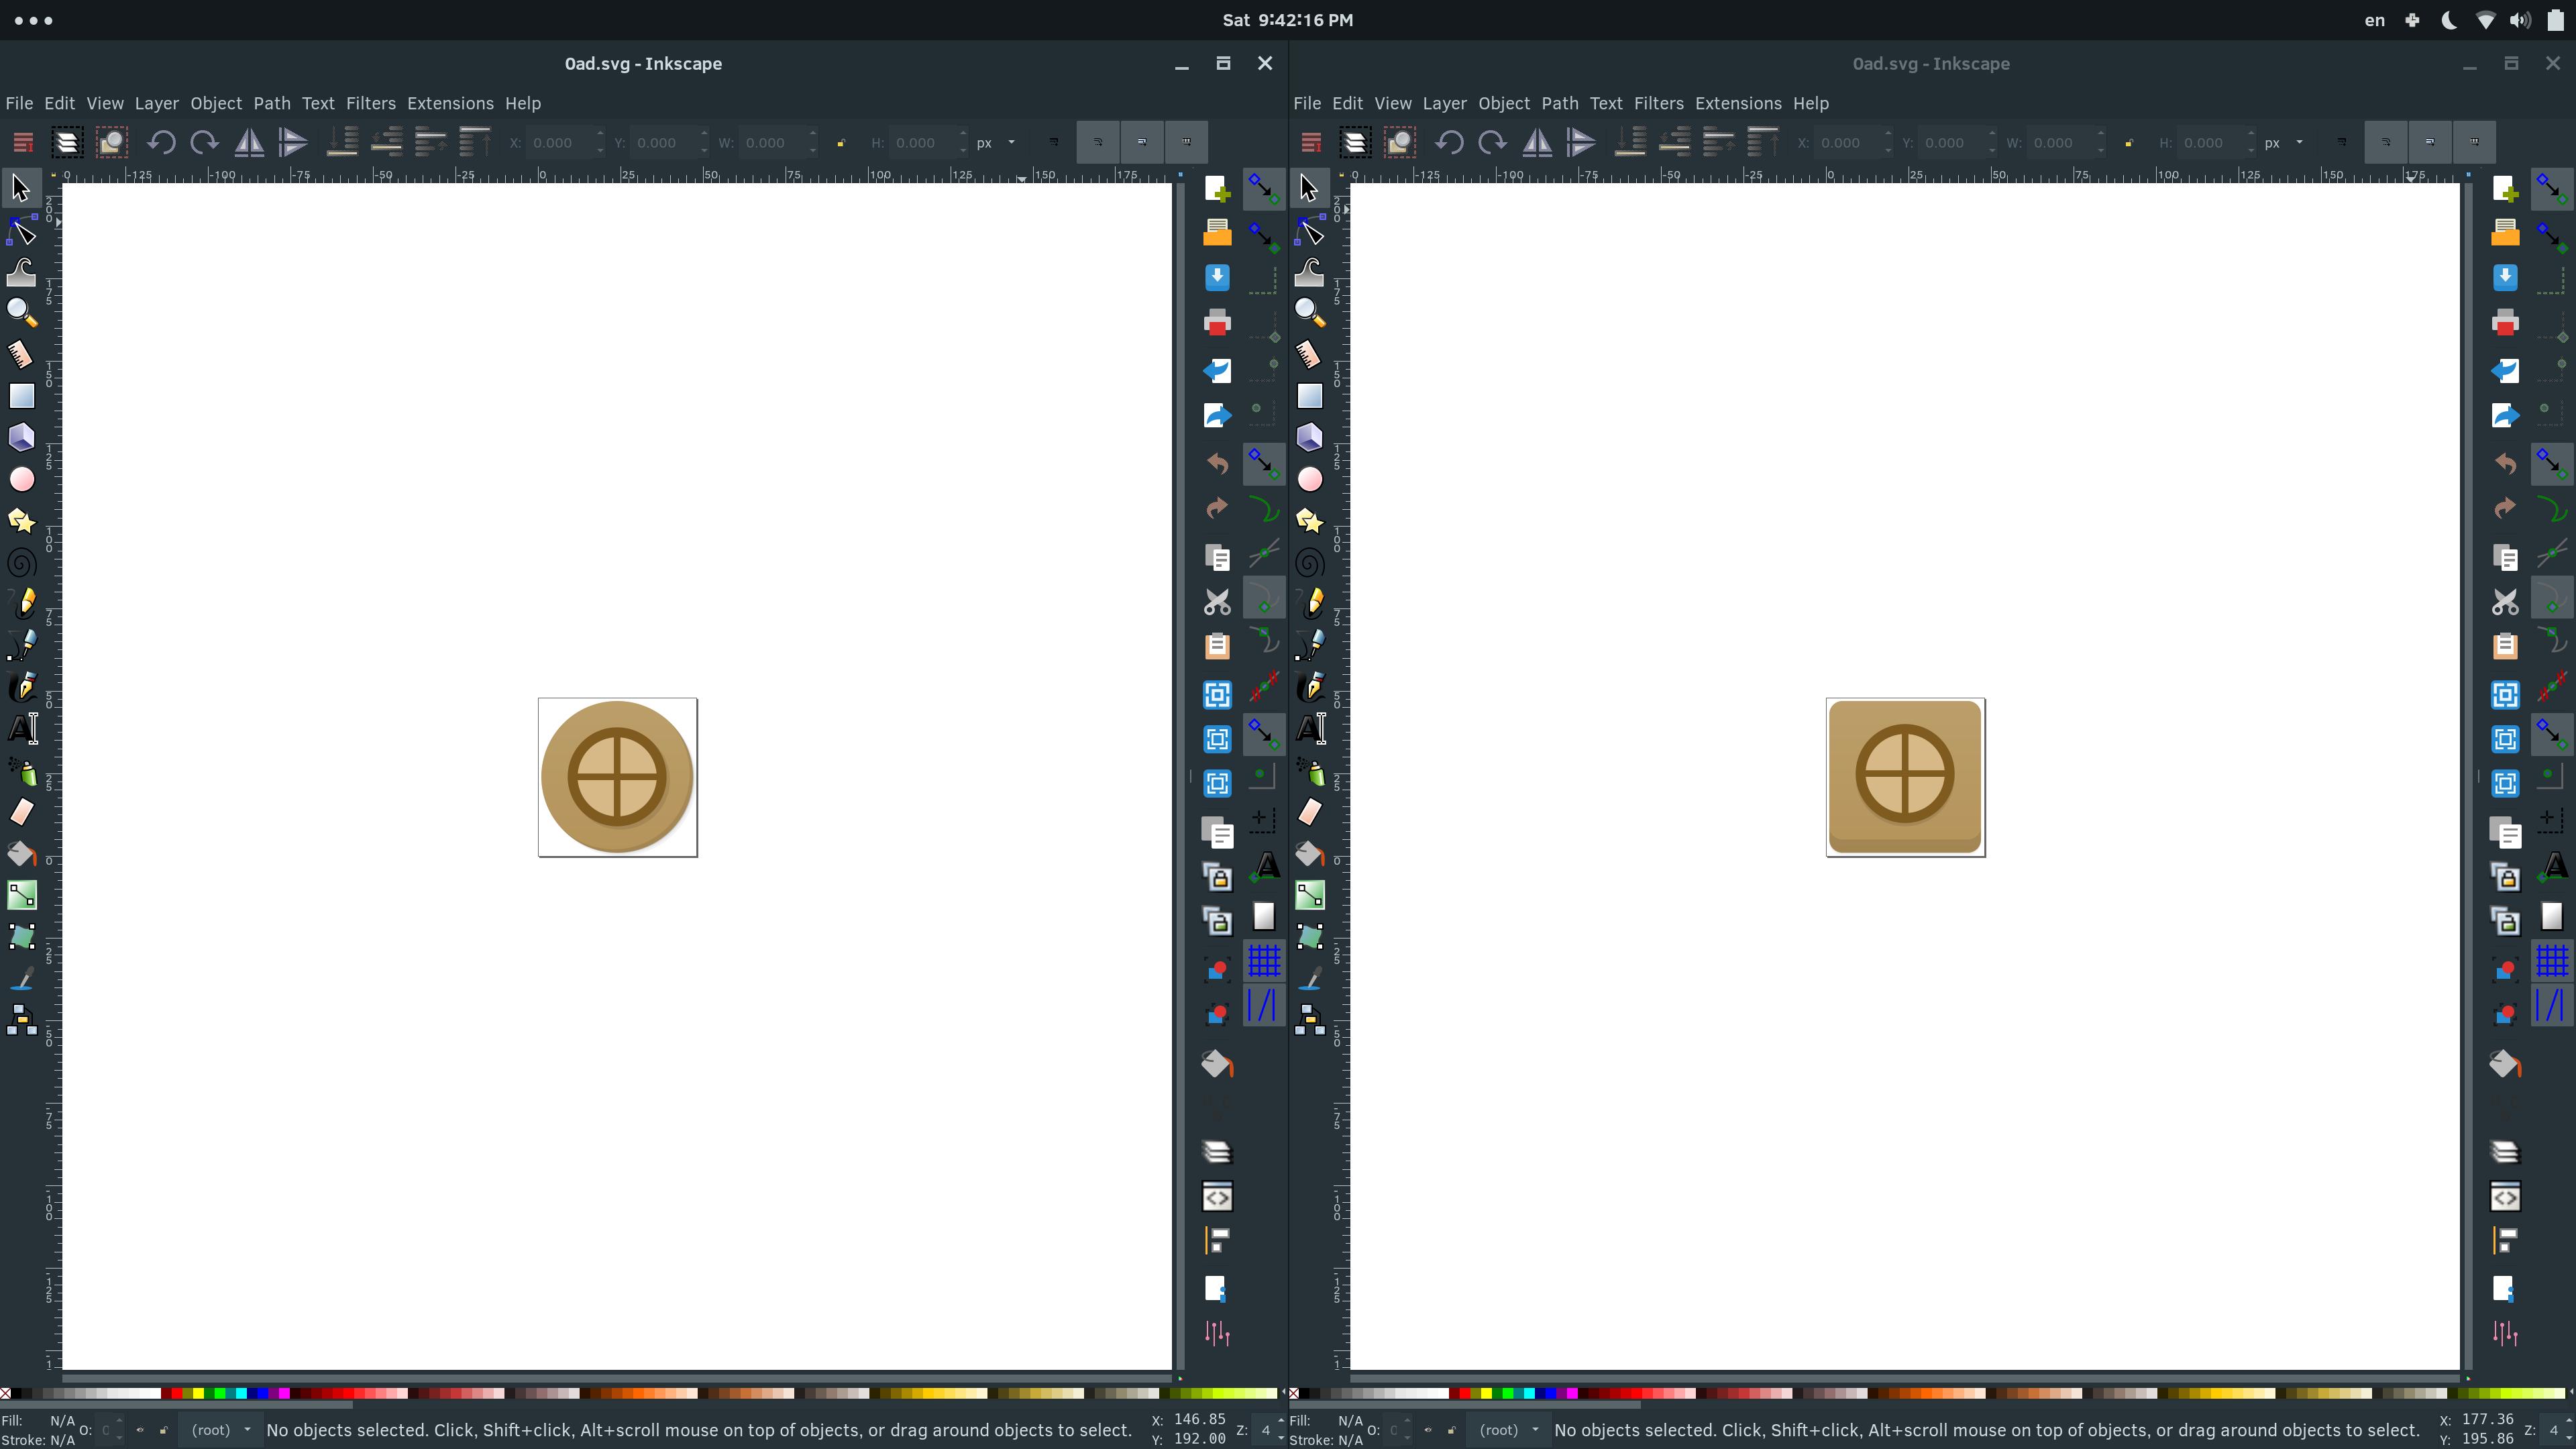 Developers - Optimisation & Design Updates for Square -